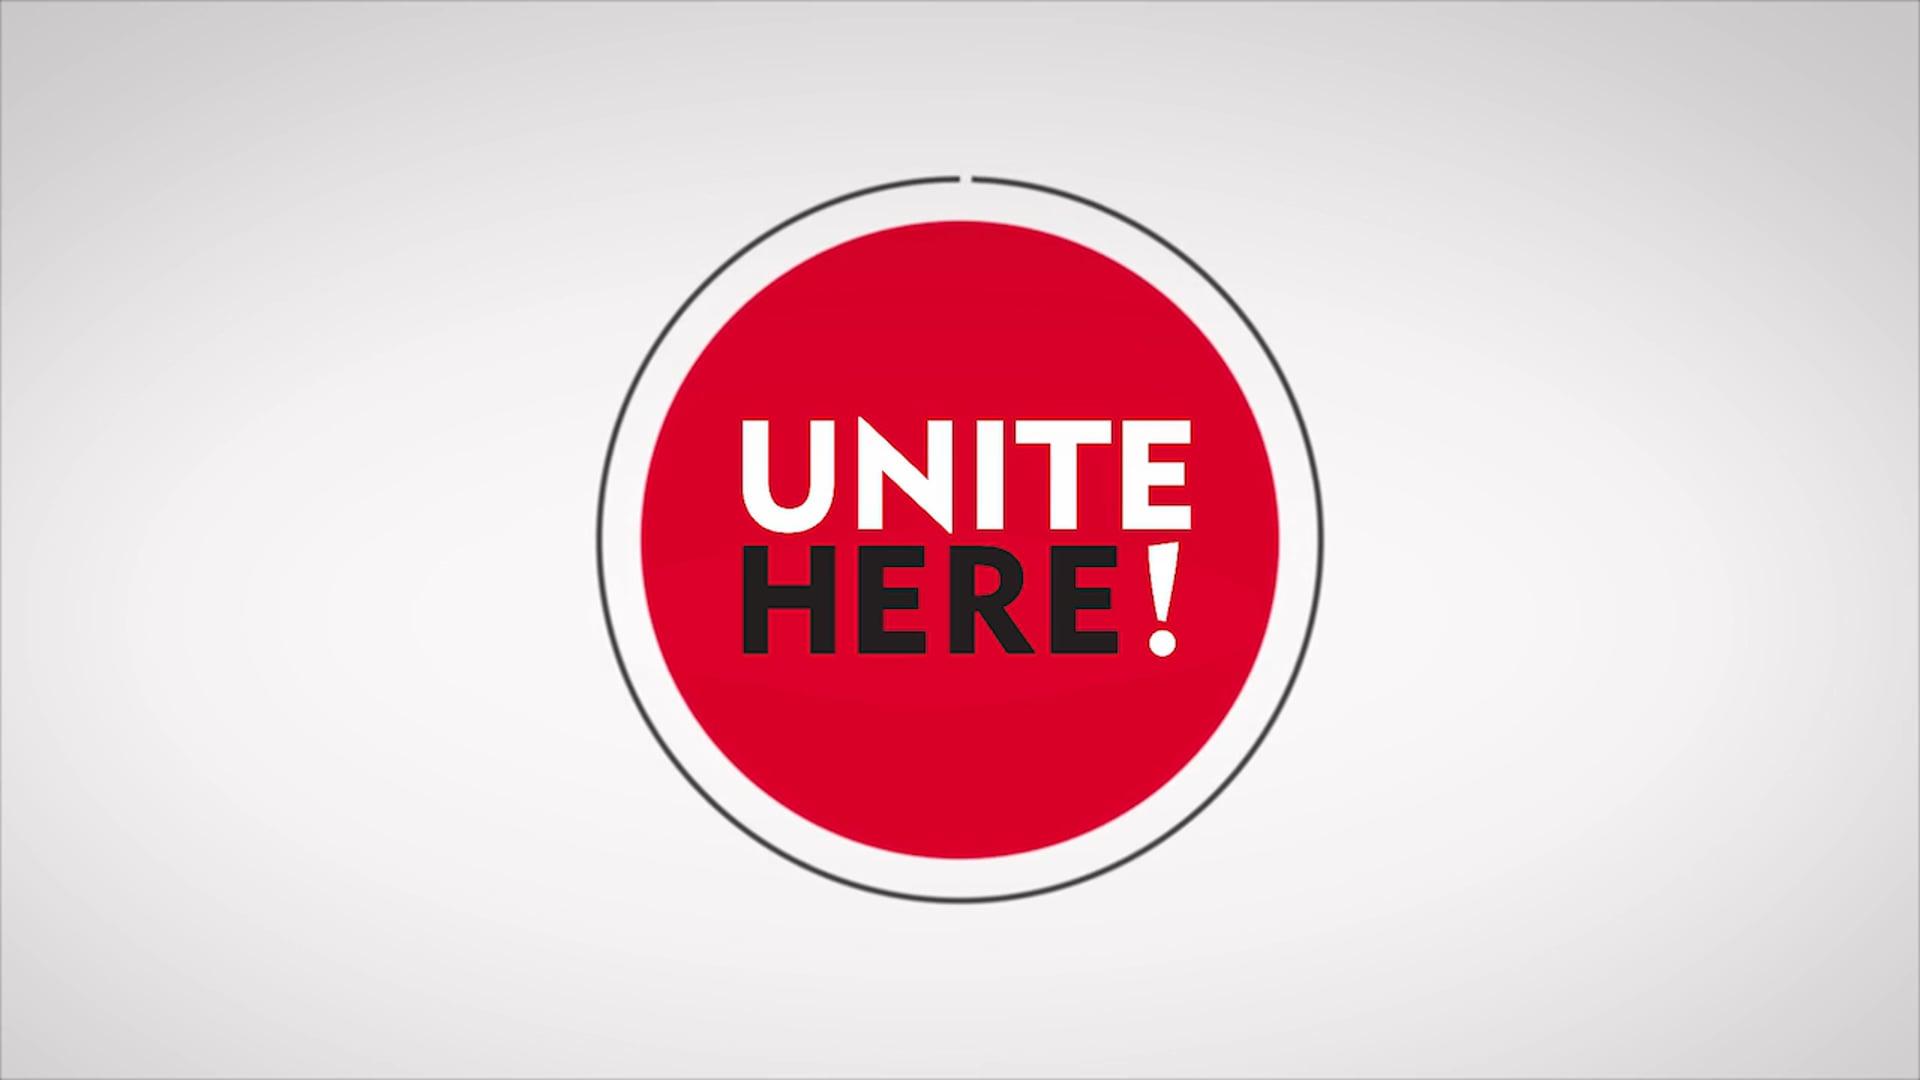 UNITEHERE! / Workers On Strike